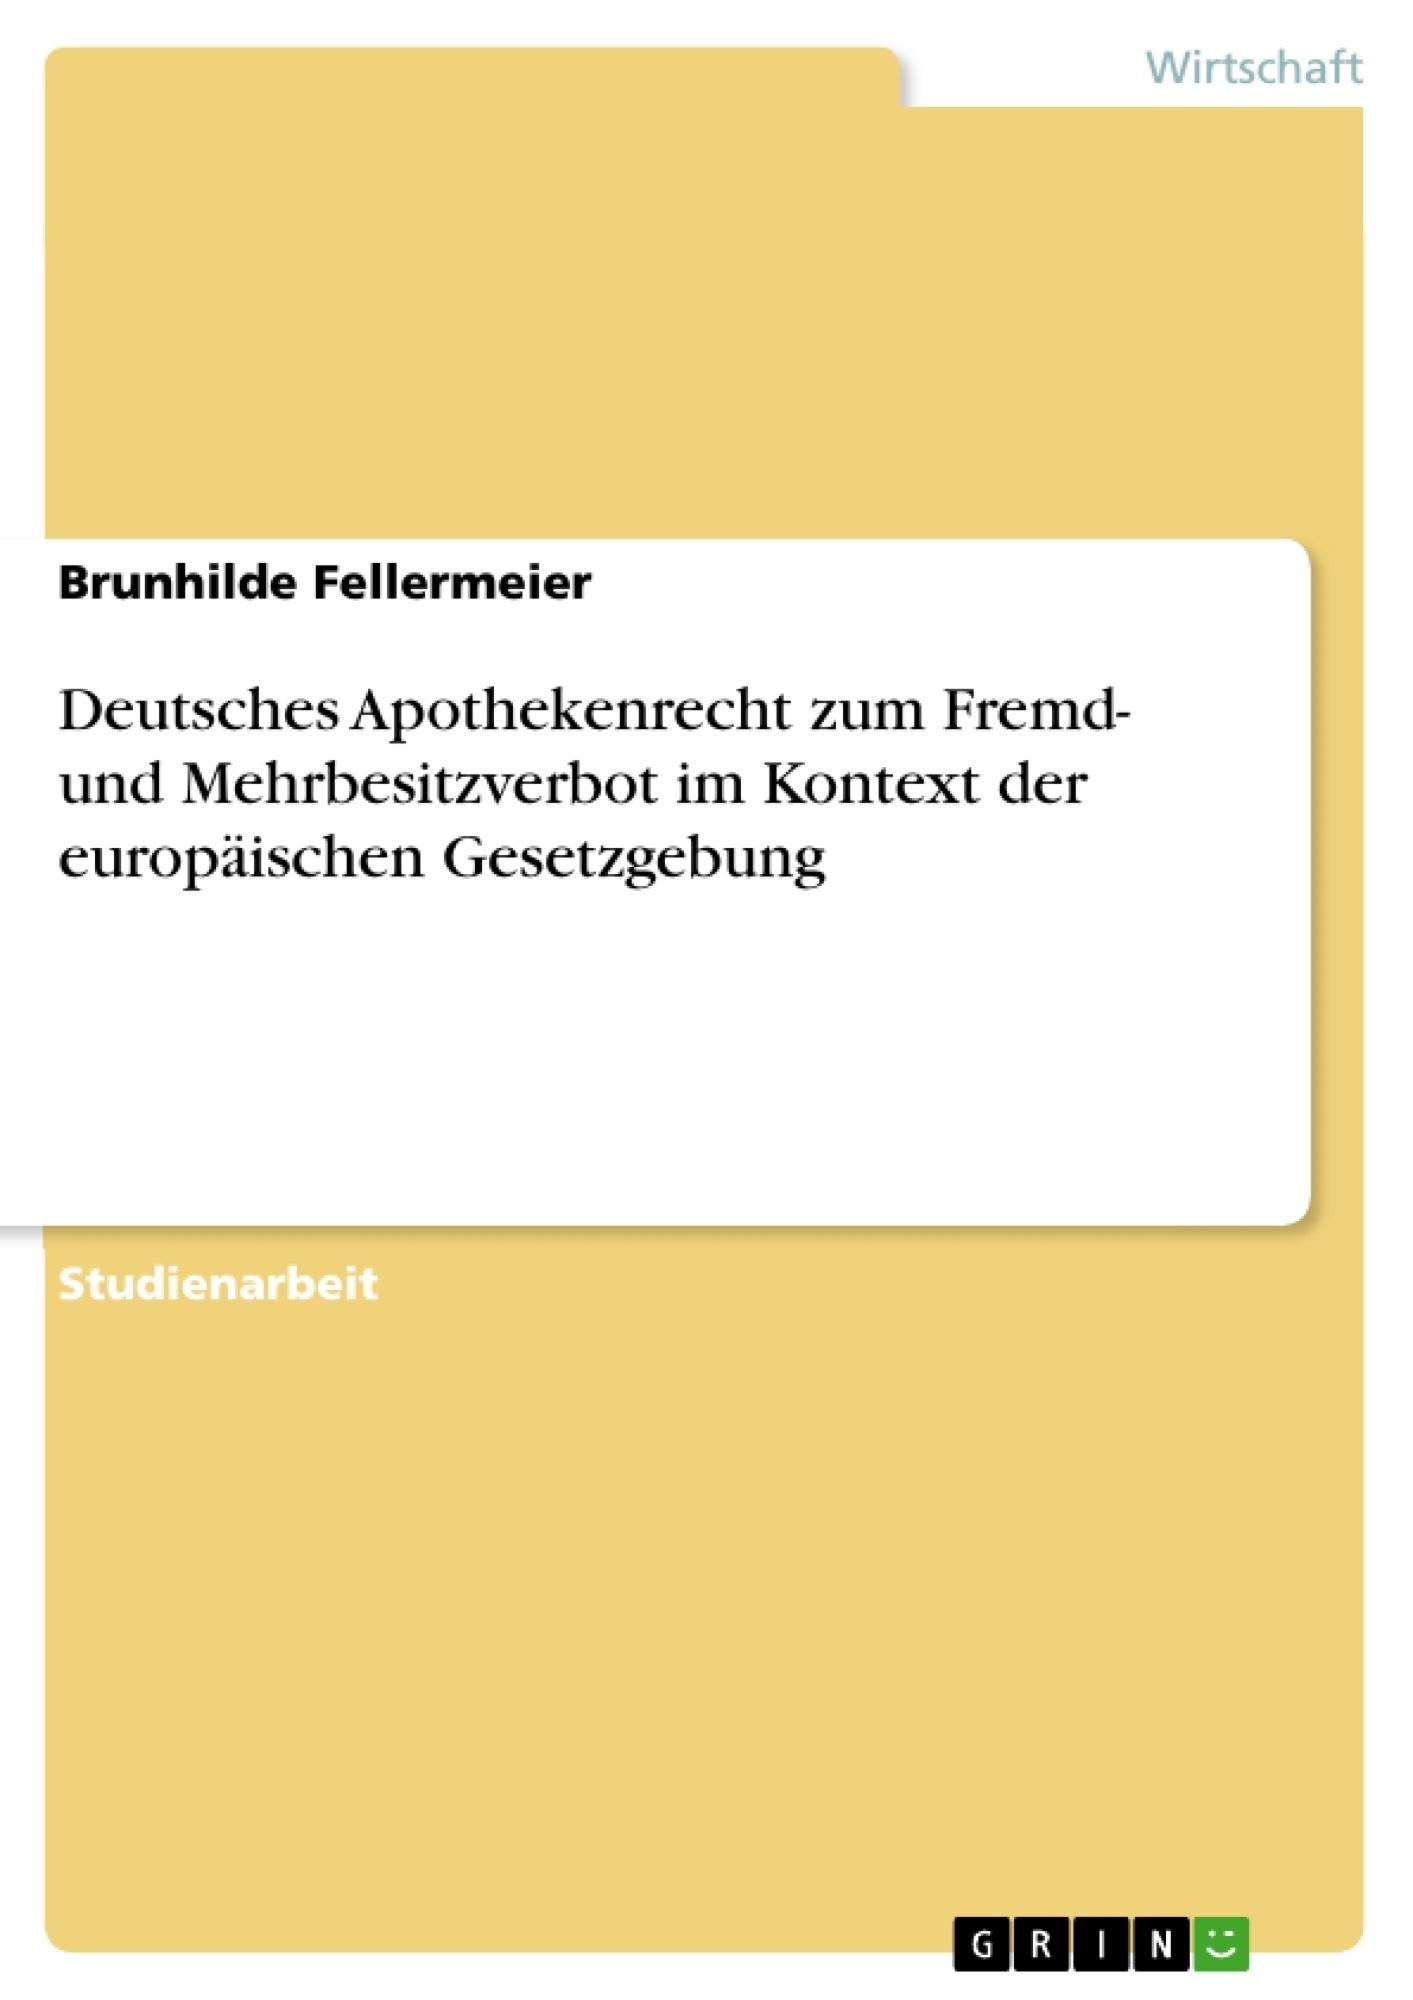 Titel: Deutsches Apothekenrecht zum Fremd- und Mehrbesitzverbot im Kontext der europäischen Gesetzgebung